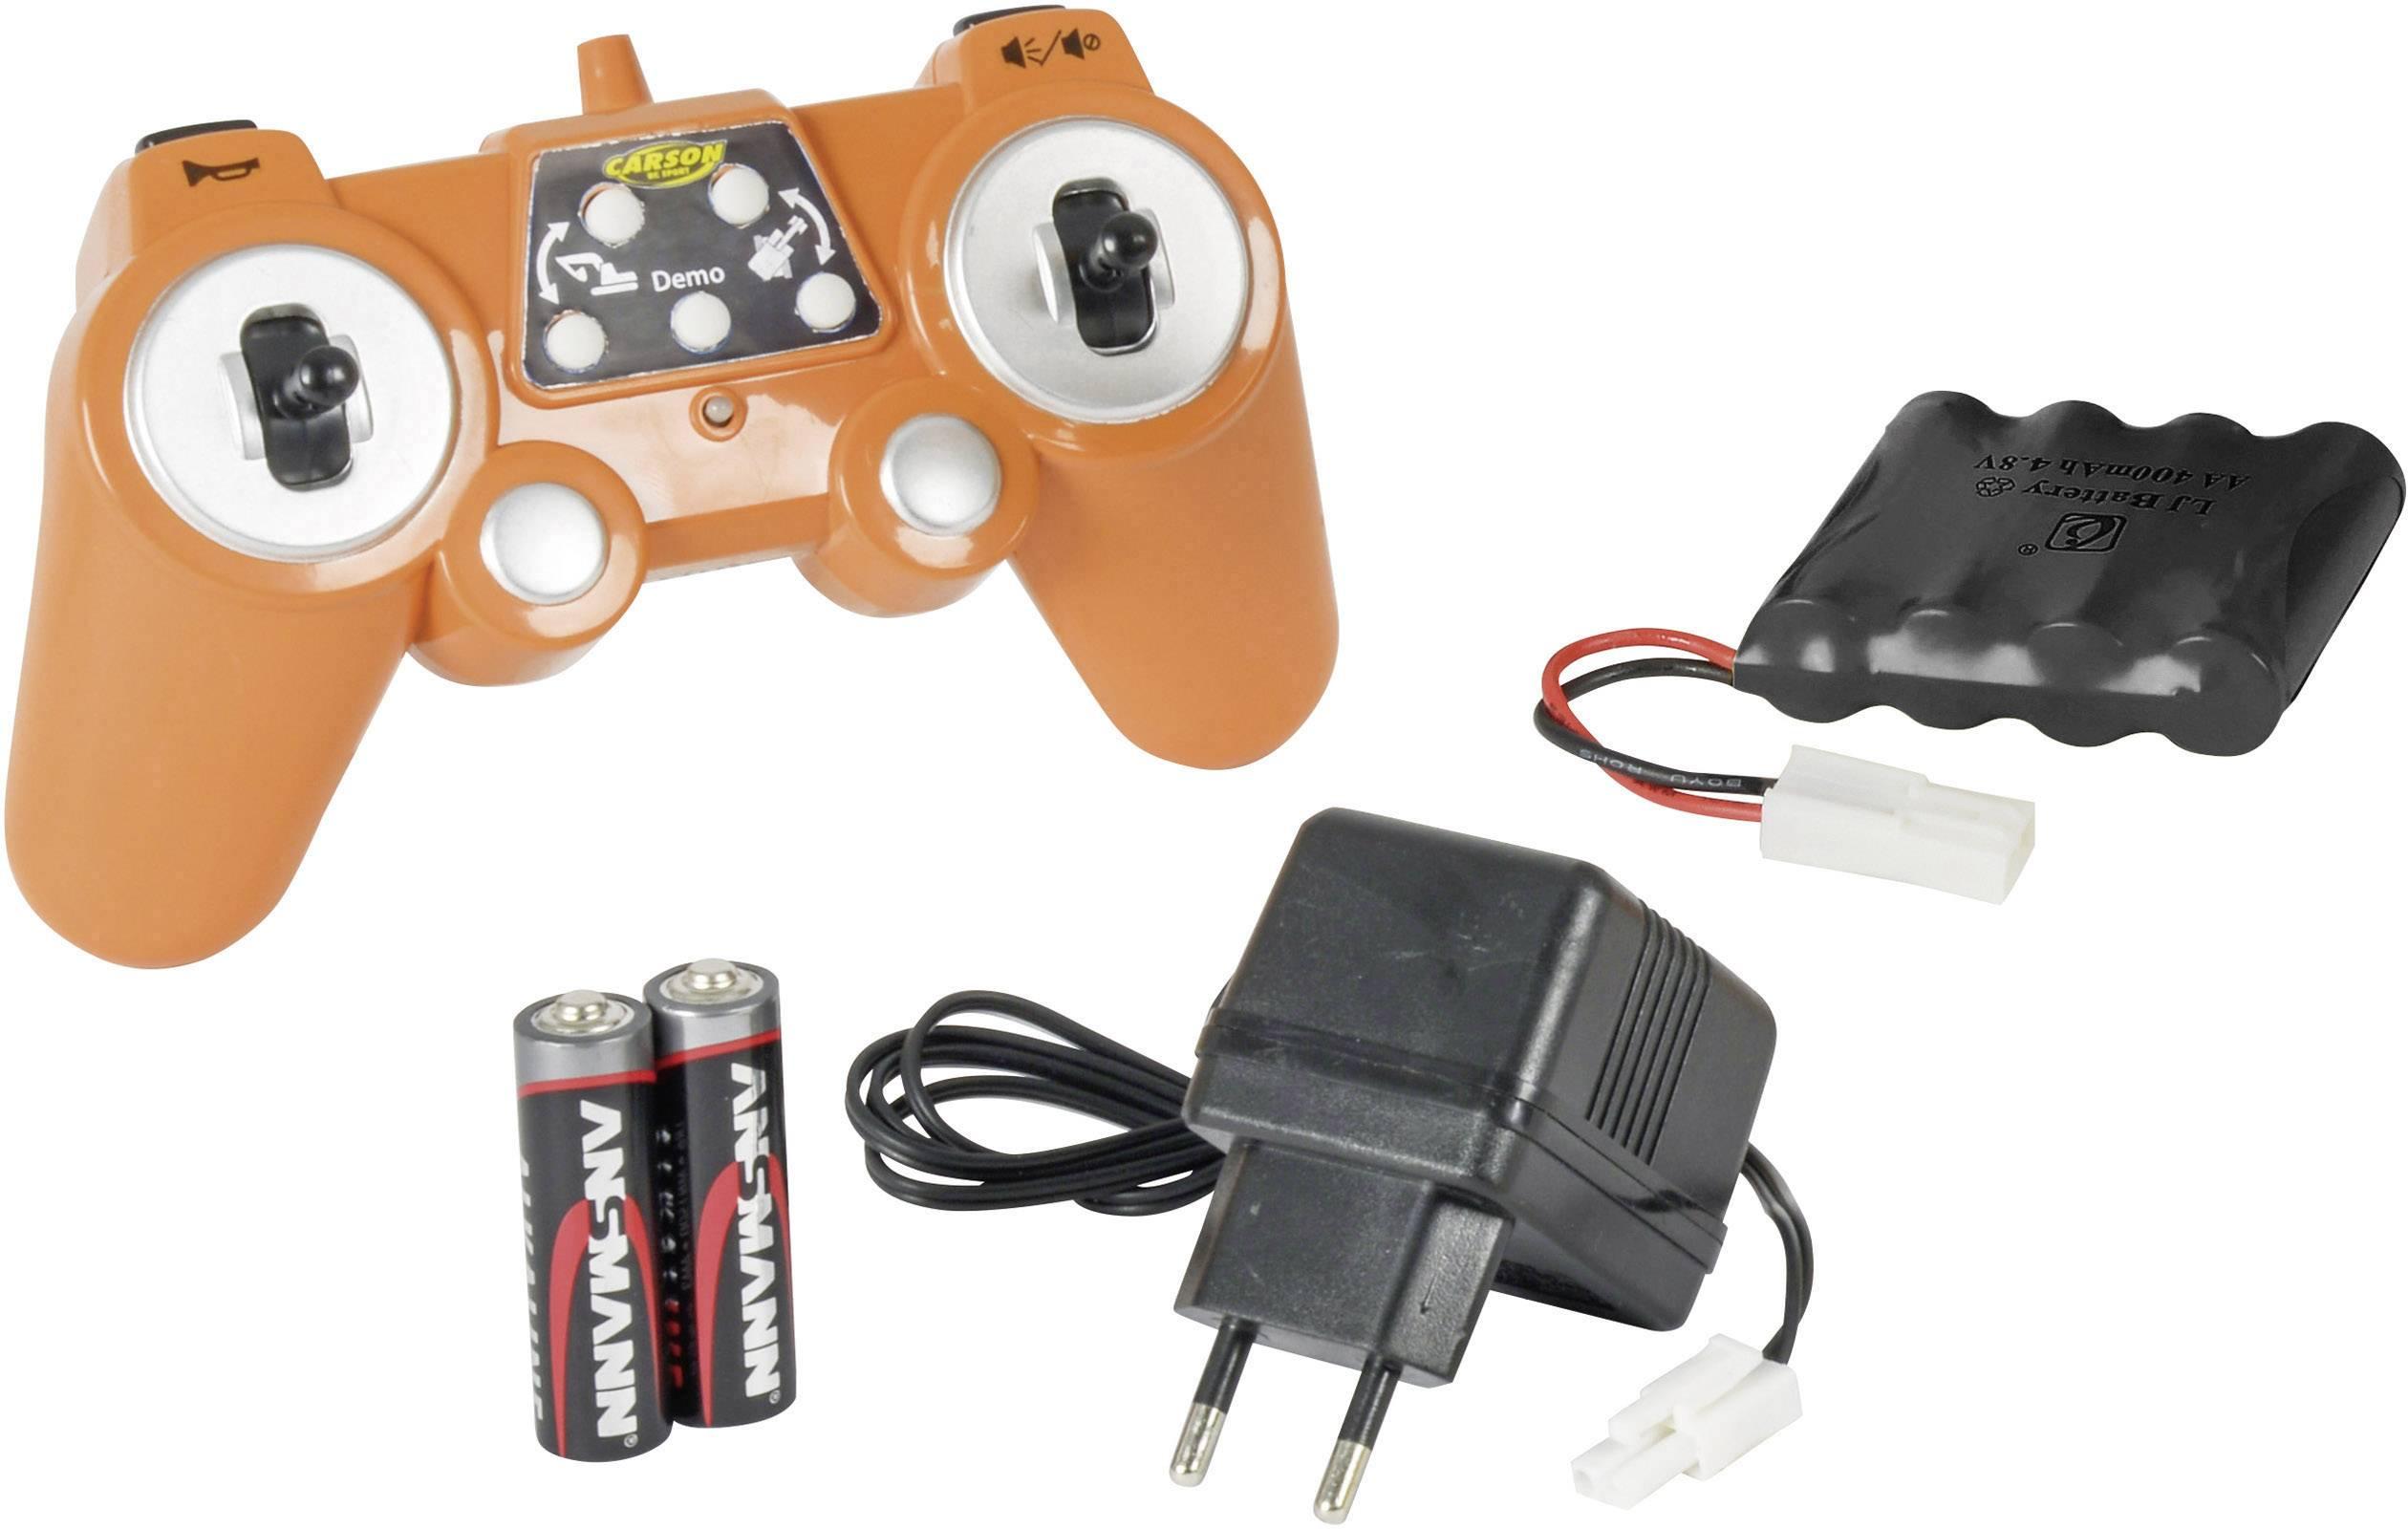 Carson RC Sport Gusjeničar 1:20 rc funkcijski model za početnike građevinsko vozilo uklj. baterija, punjač i odašiljačka